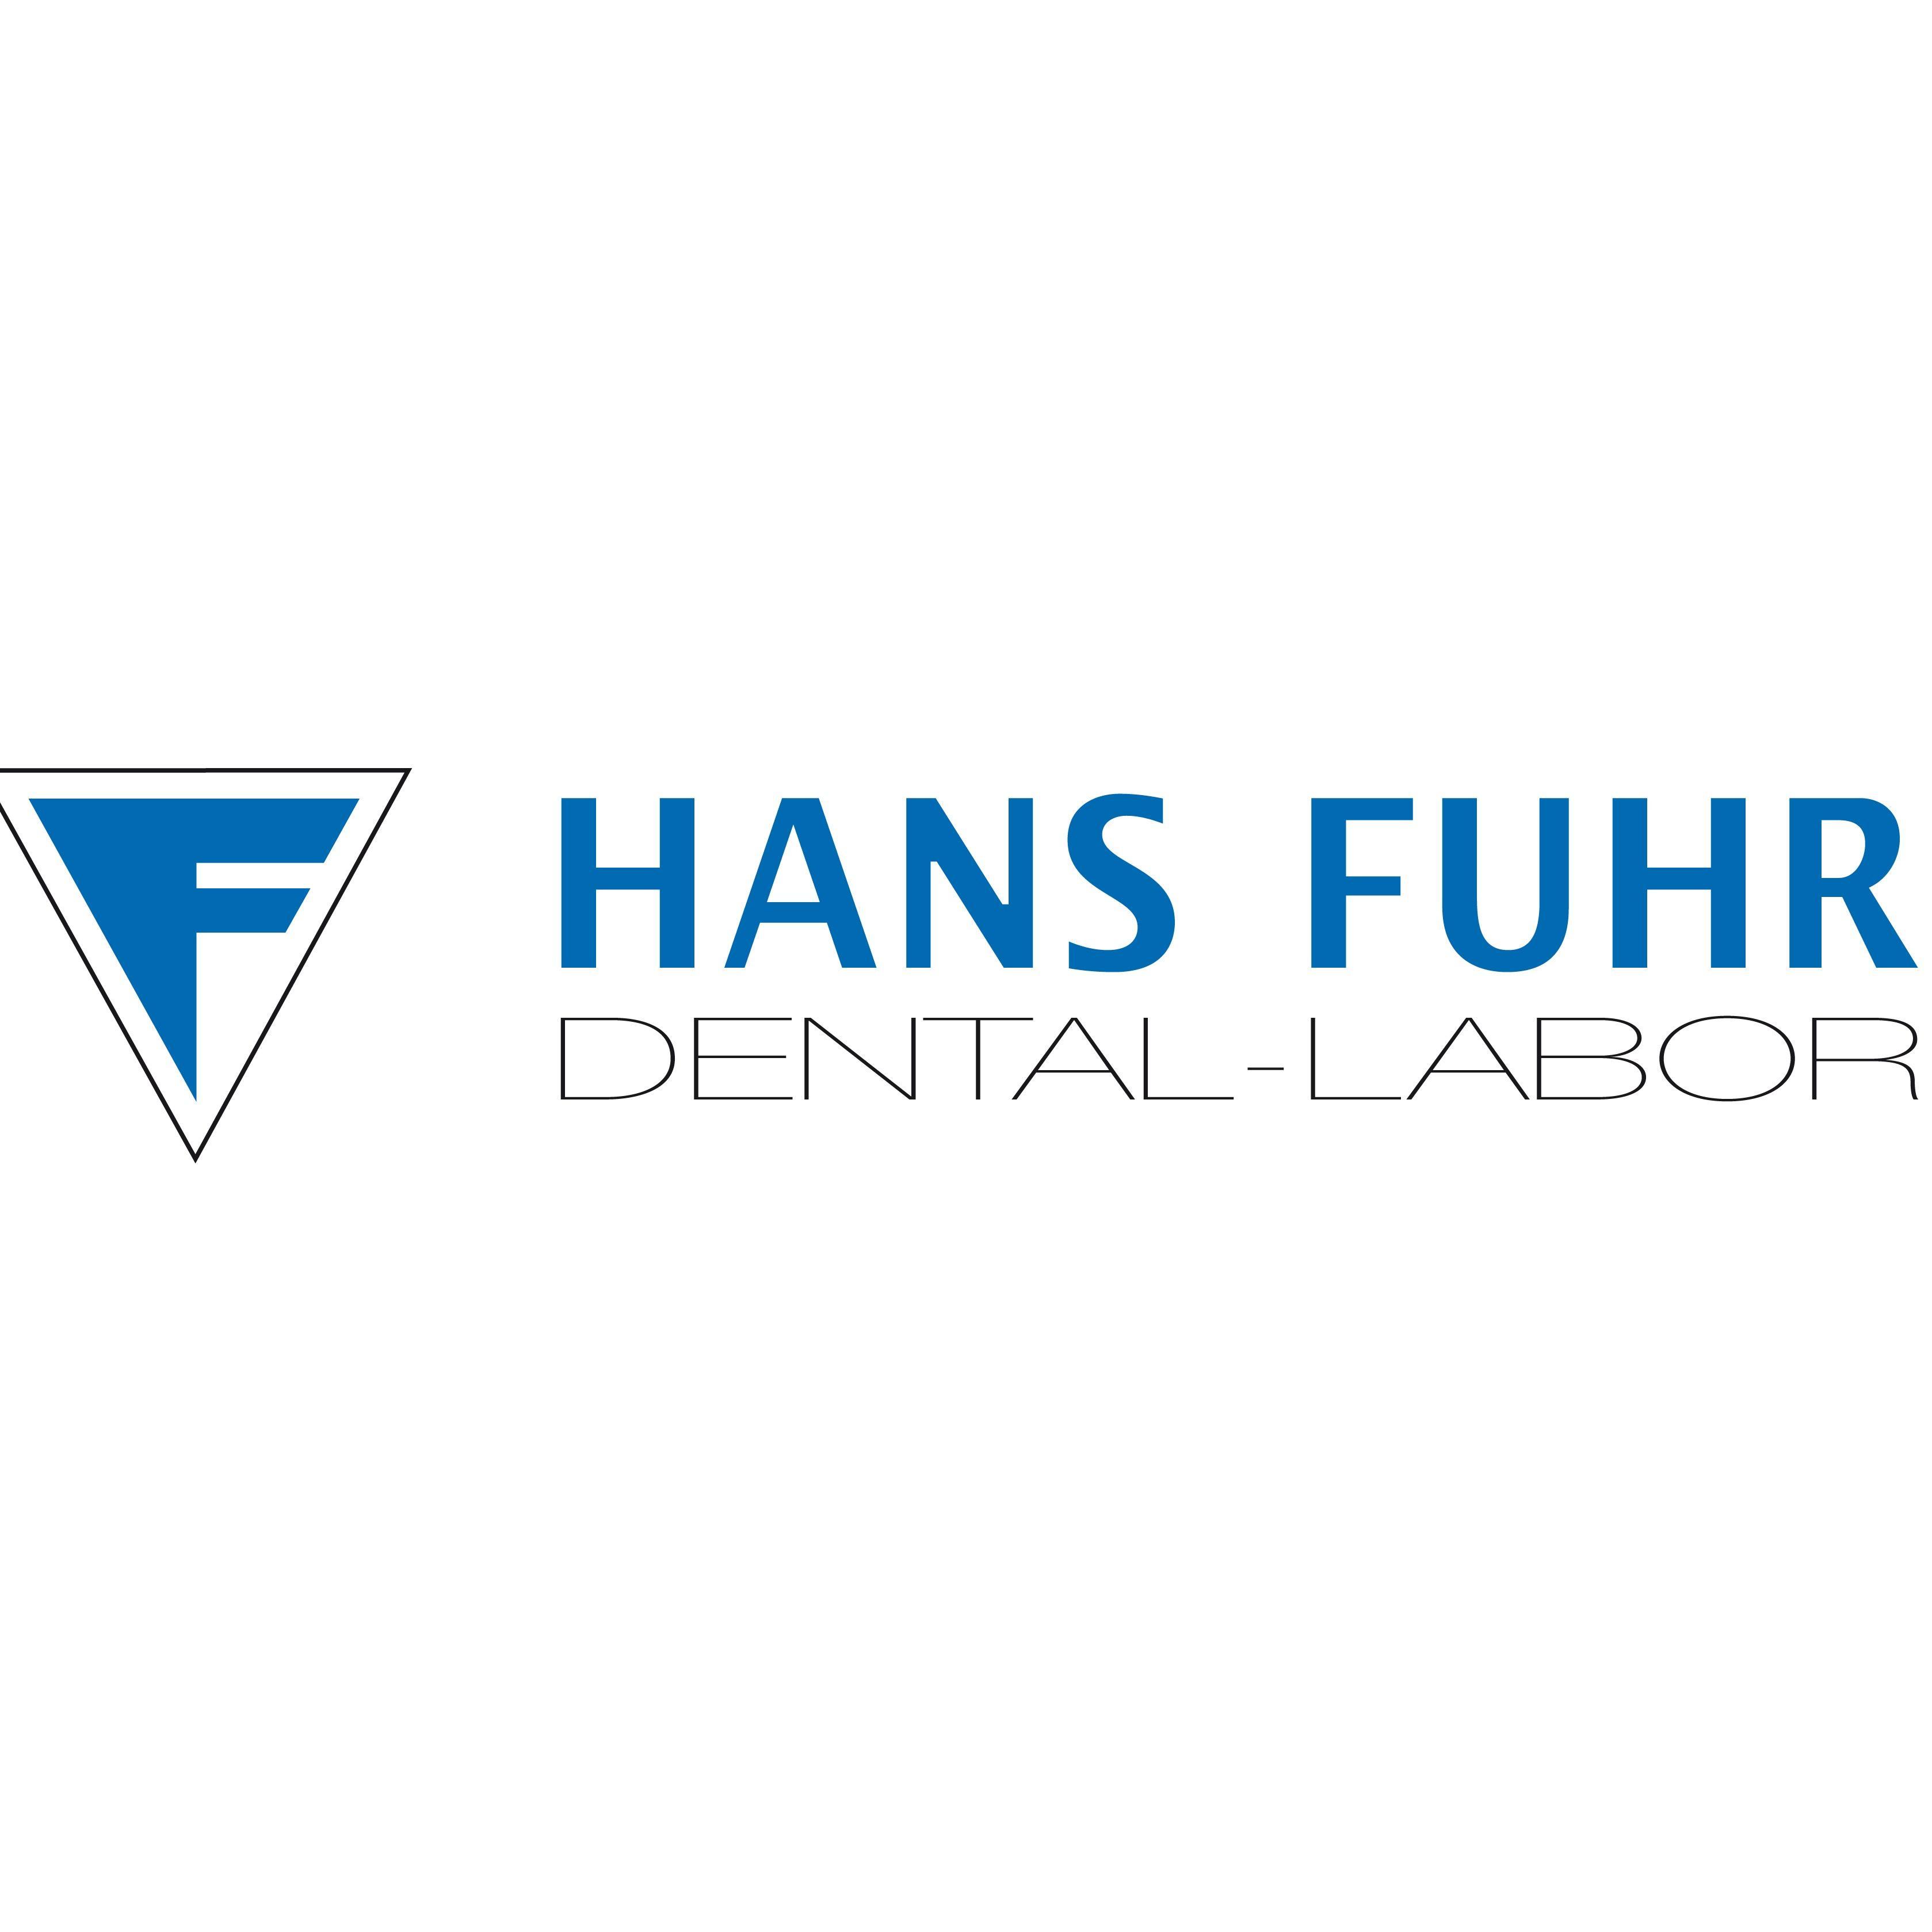 Bild zu Dental-Labor Hans Fuhr GmbH & Co. KG in Köln